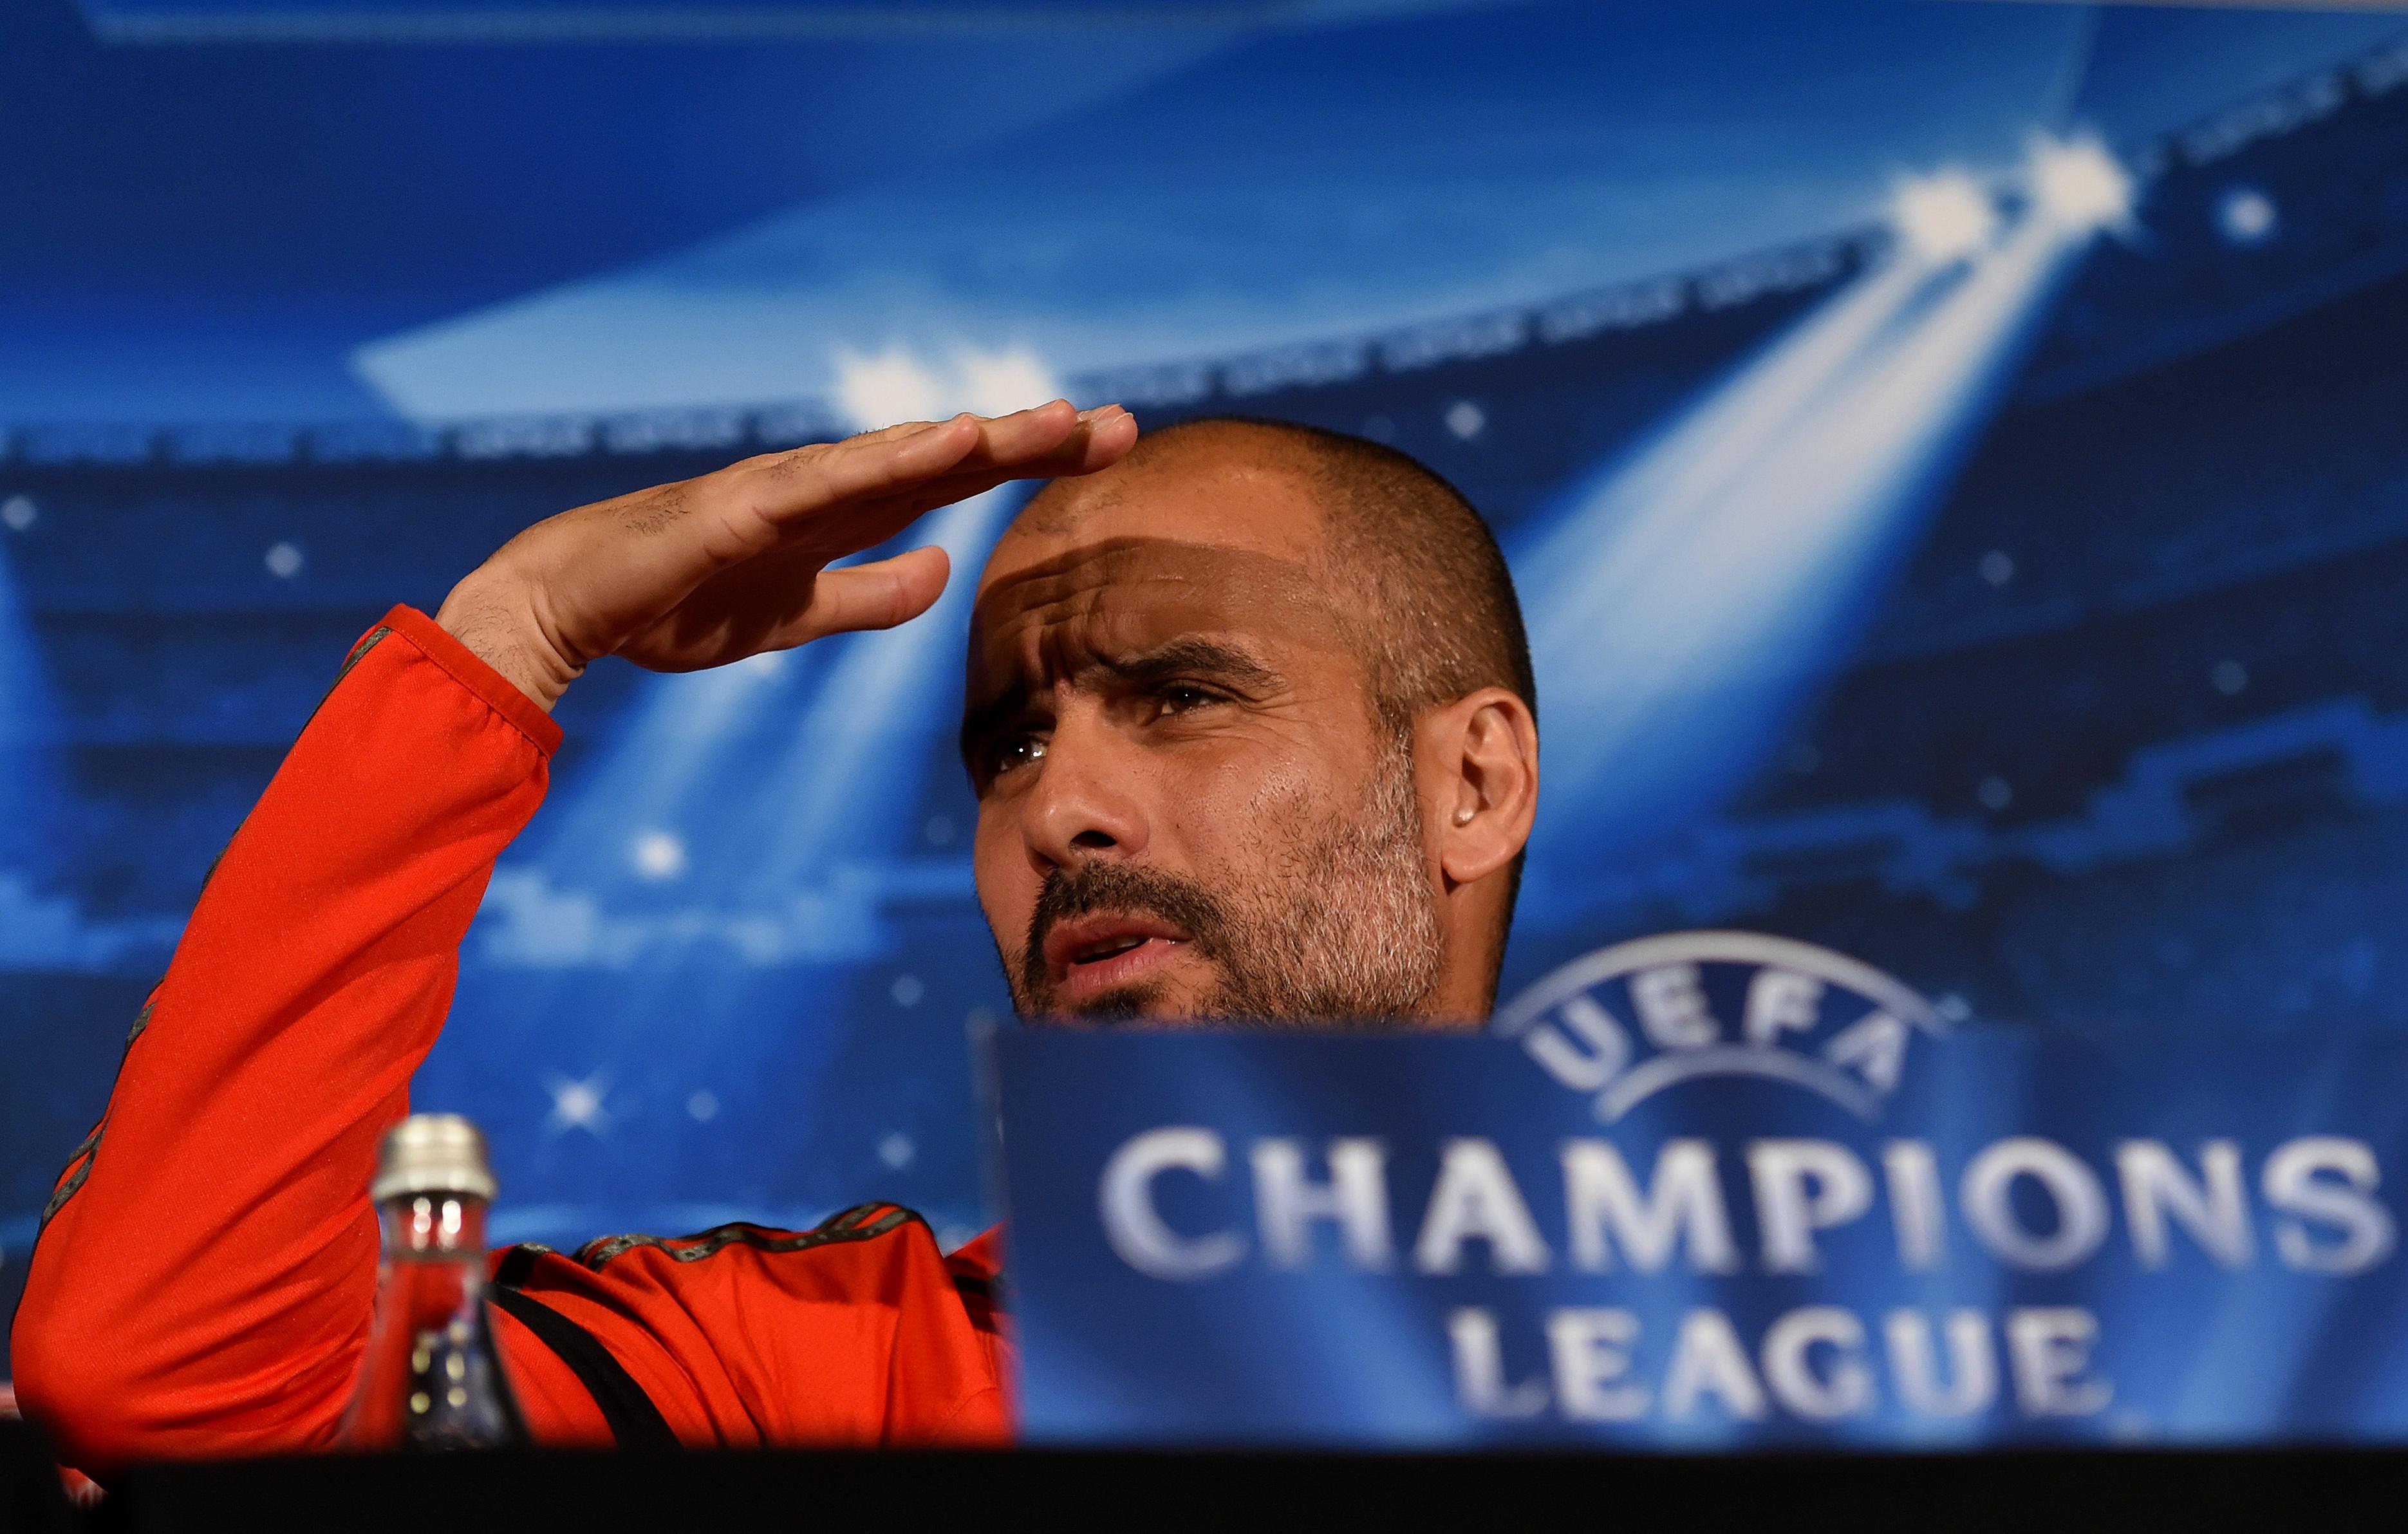 Guardiola betiltotta a pizzát a Manchester Citynél